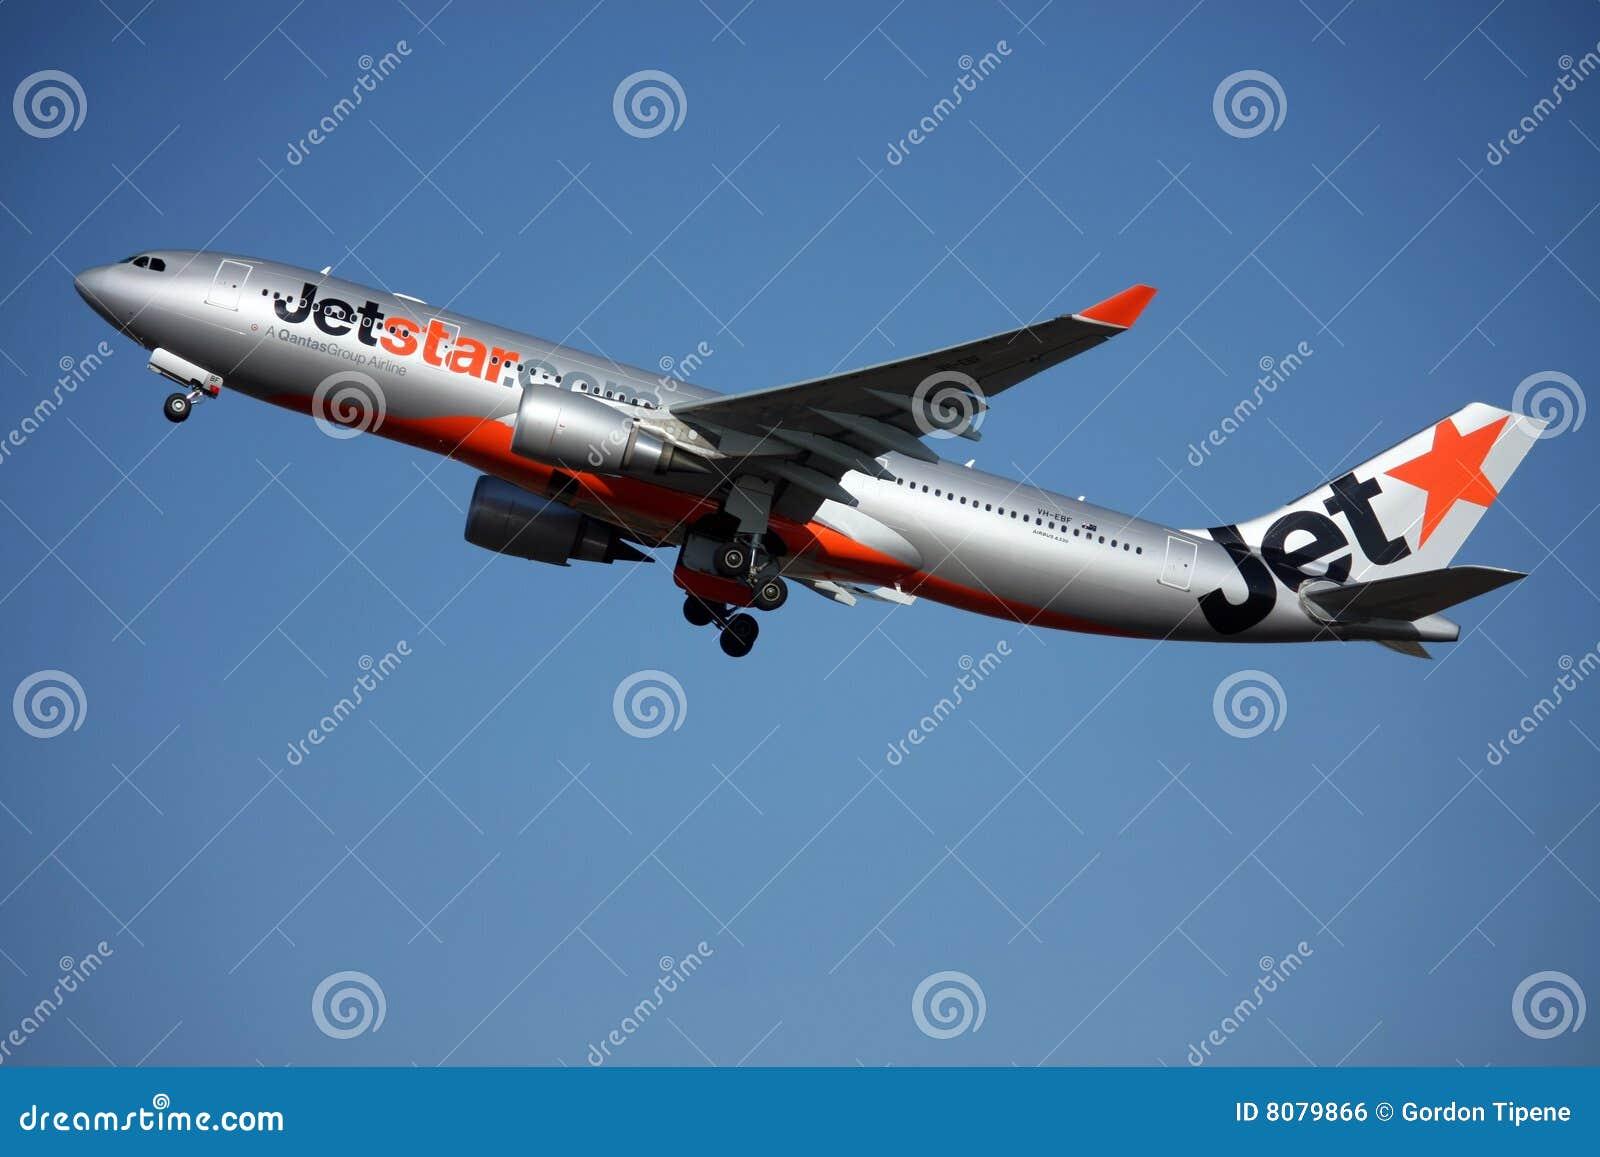 飞机的星形�yb�9�._8 2009 a330空中巴士机场享受2月形象喷气机jetstar乘客上升星形